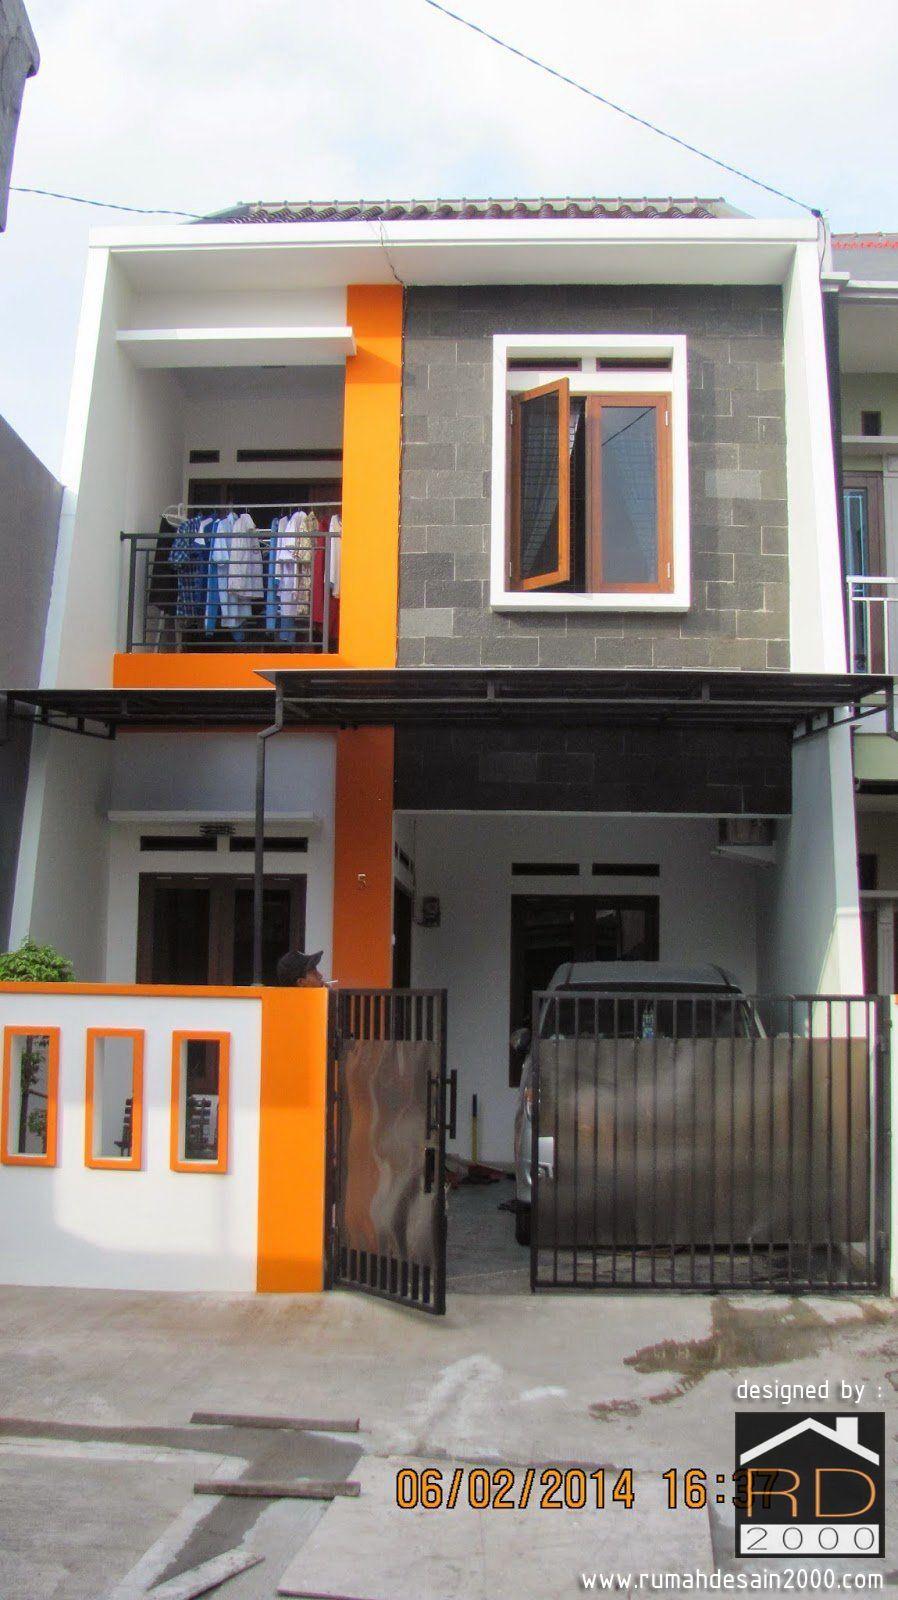 Rumah 2 Lantai Ini Dibangun Diatas Tanah Dengan Ukuran 5 X 10